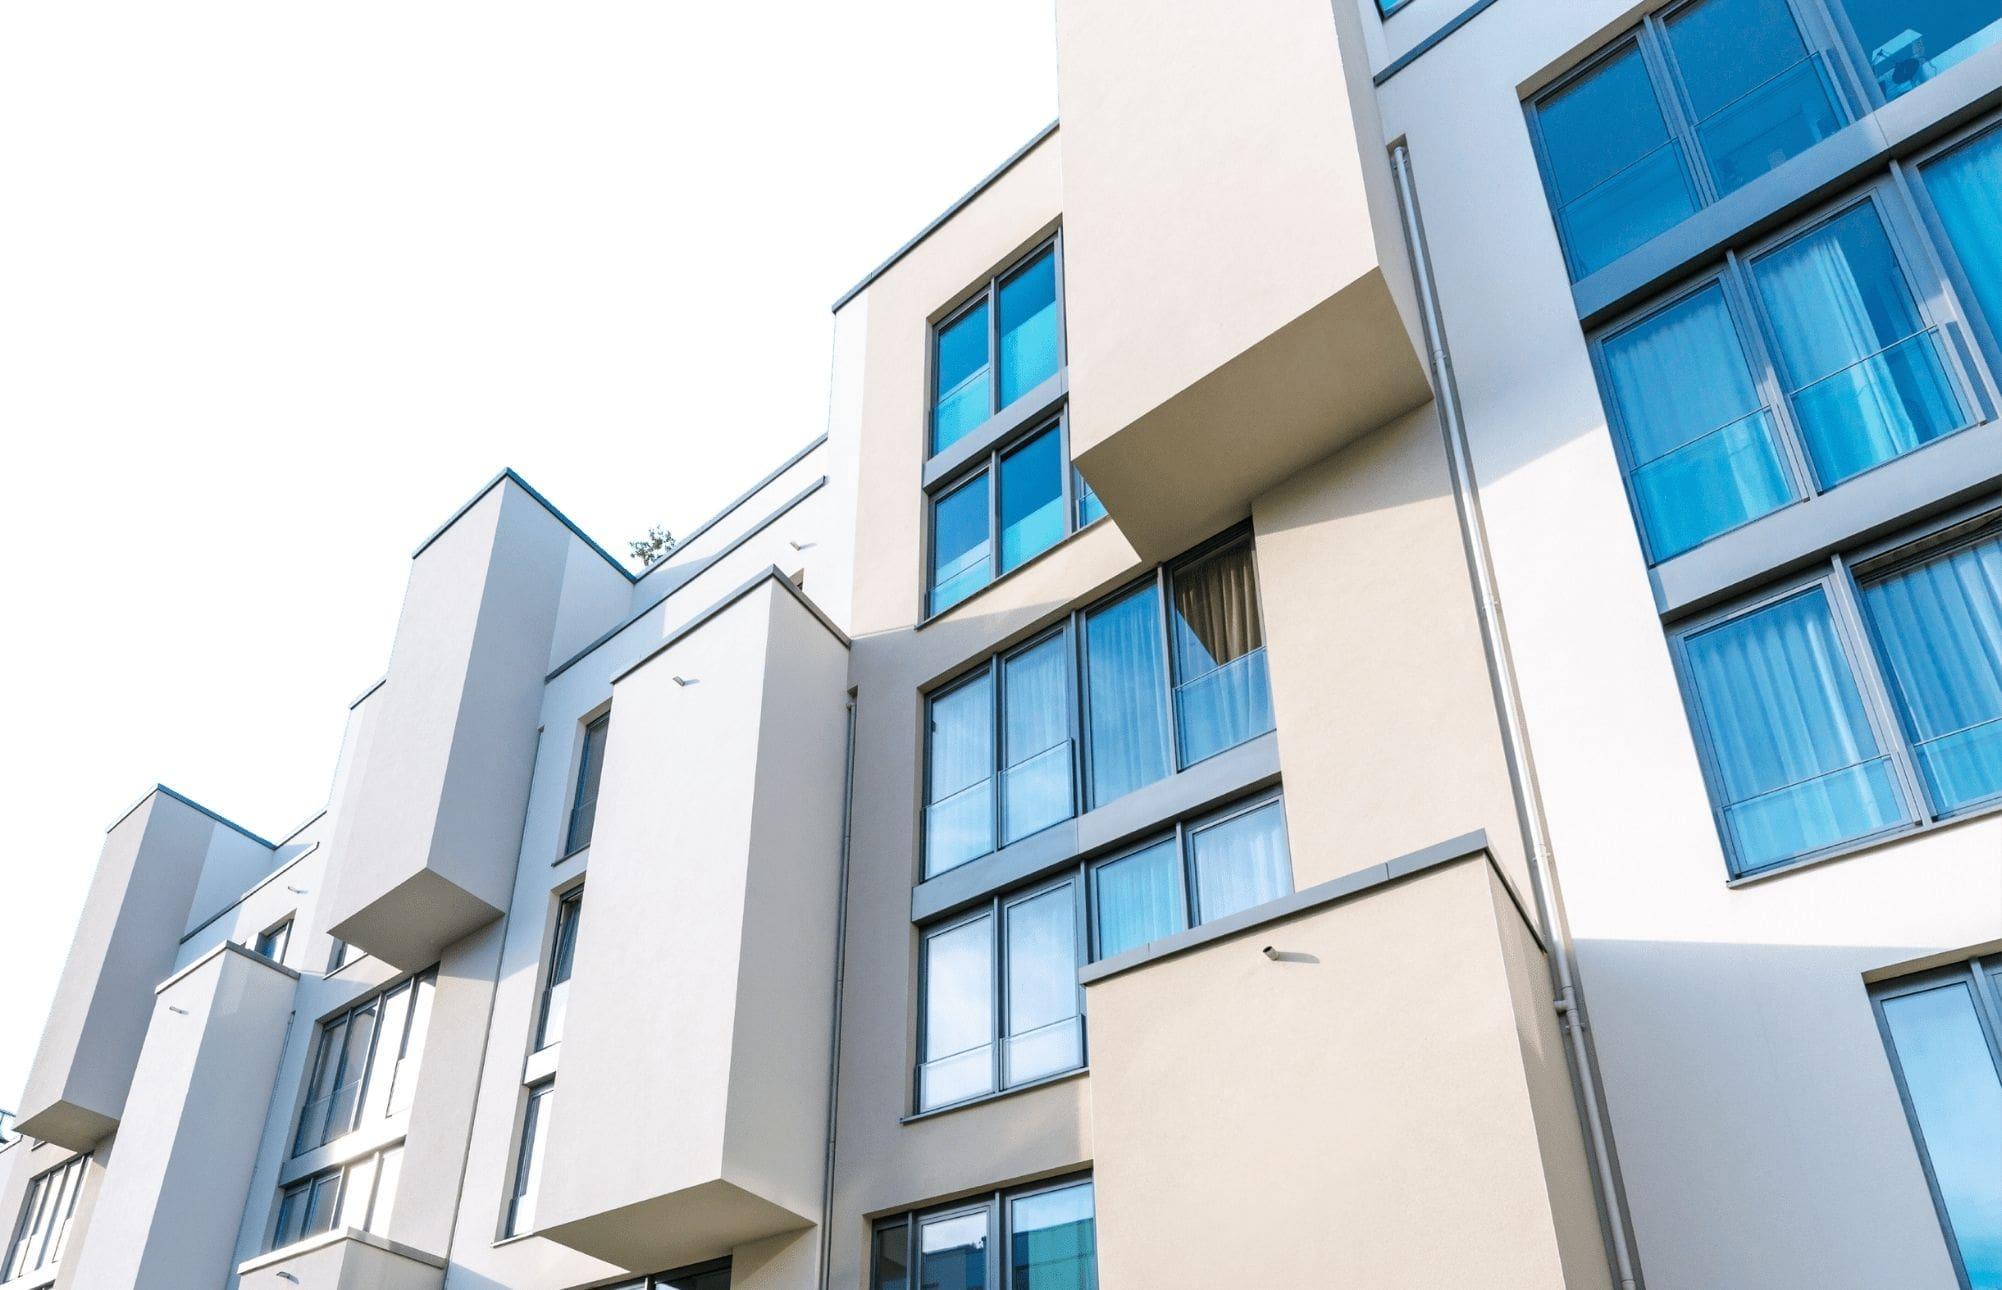 Вентиляция в квартире - полный проект от Альтер Эйр